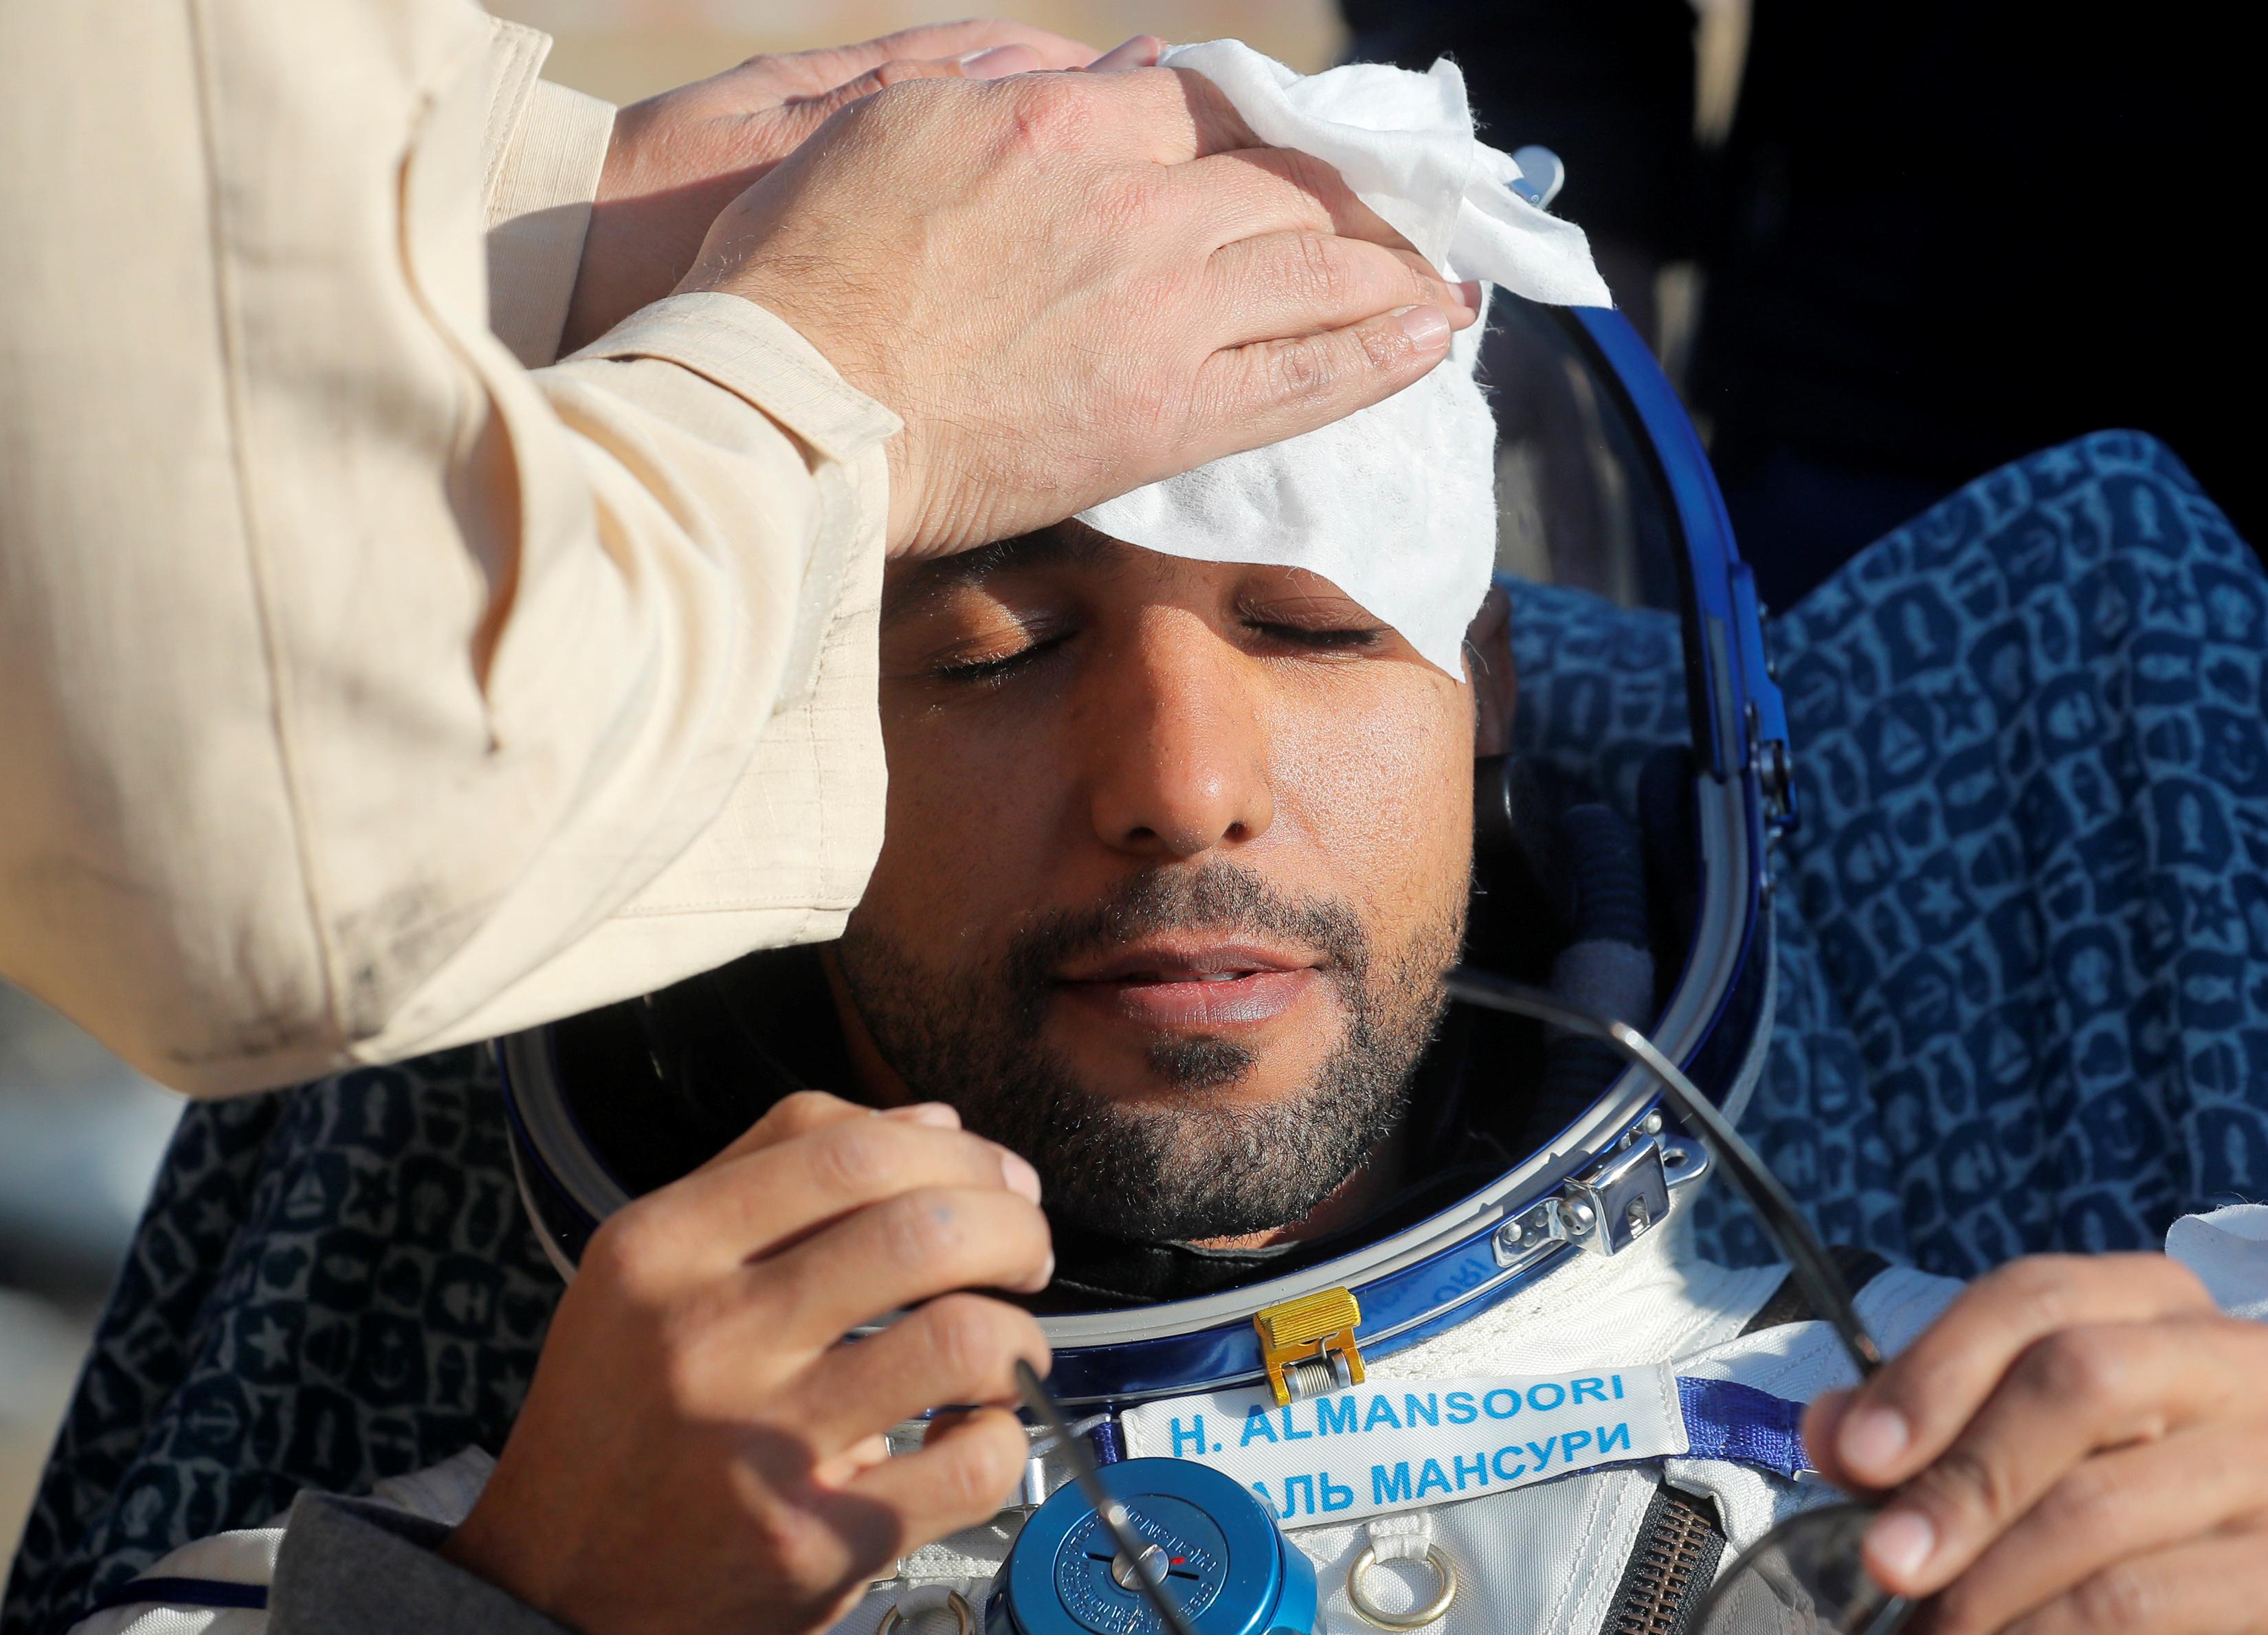 أول رائد فضاء إماراتي لحظة وصوله إلى الأرض